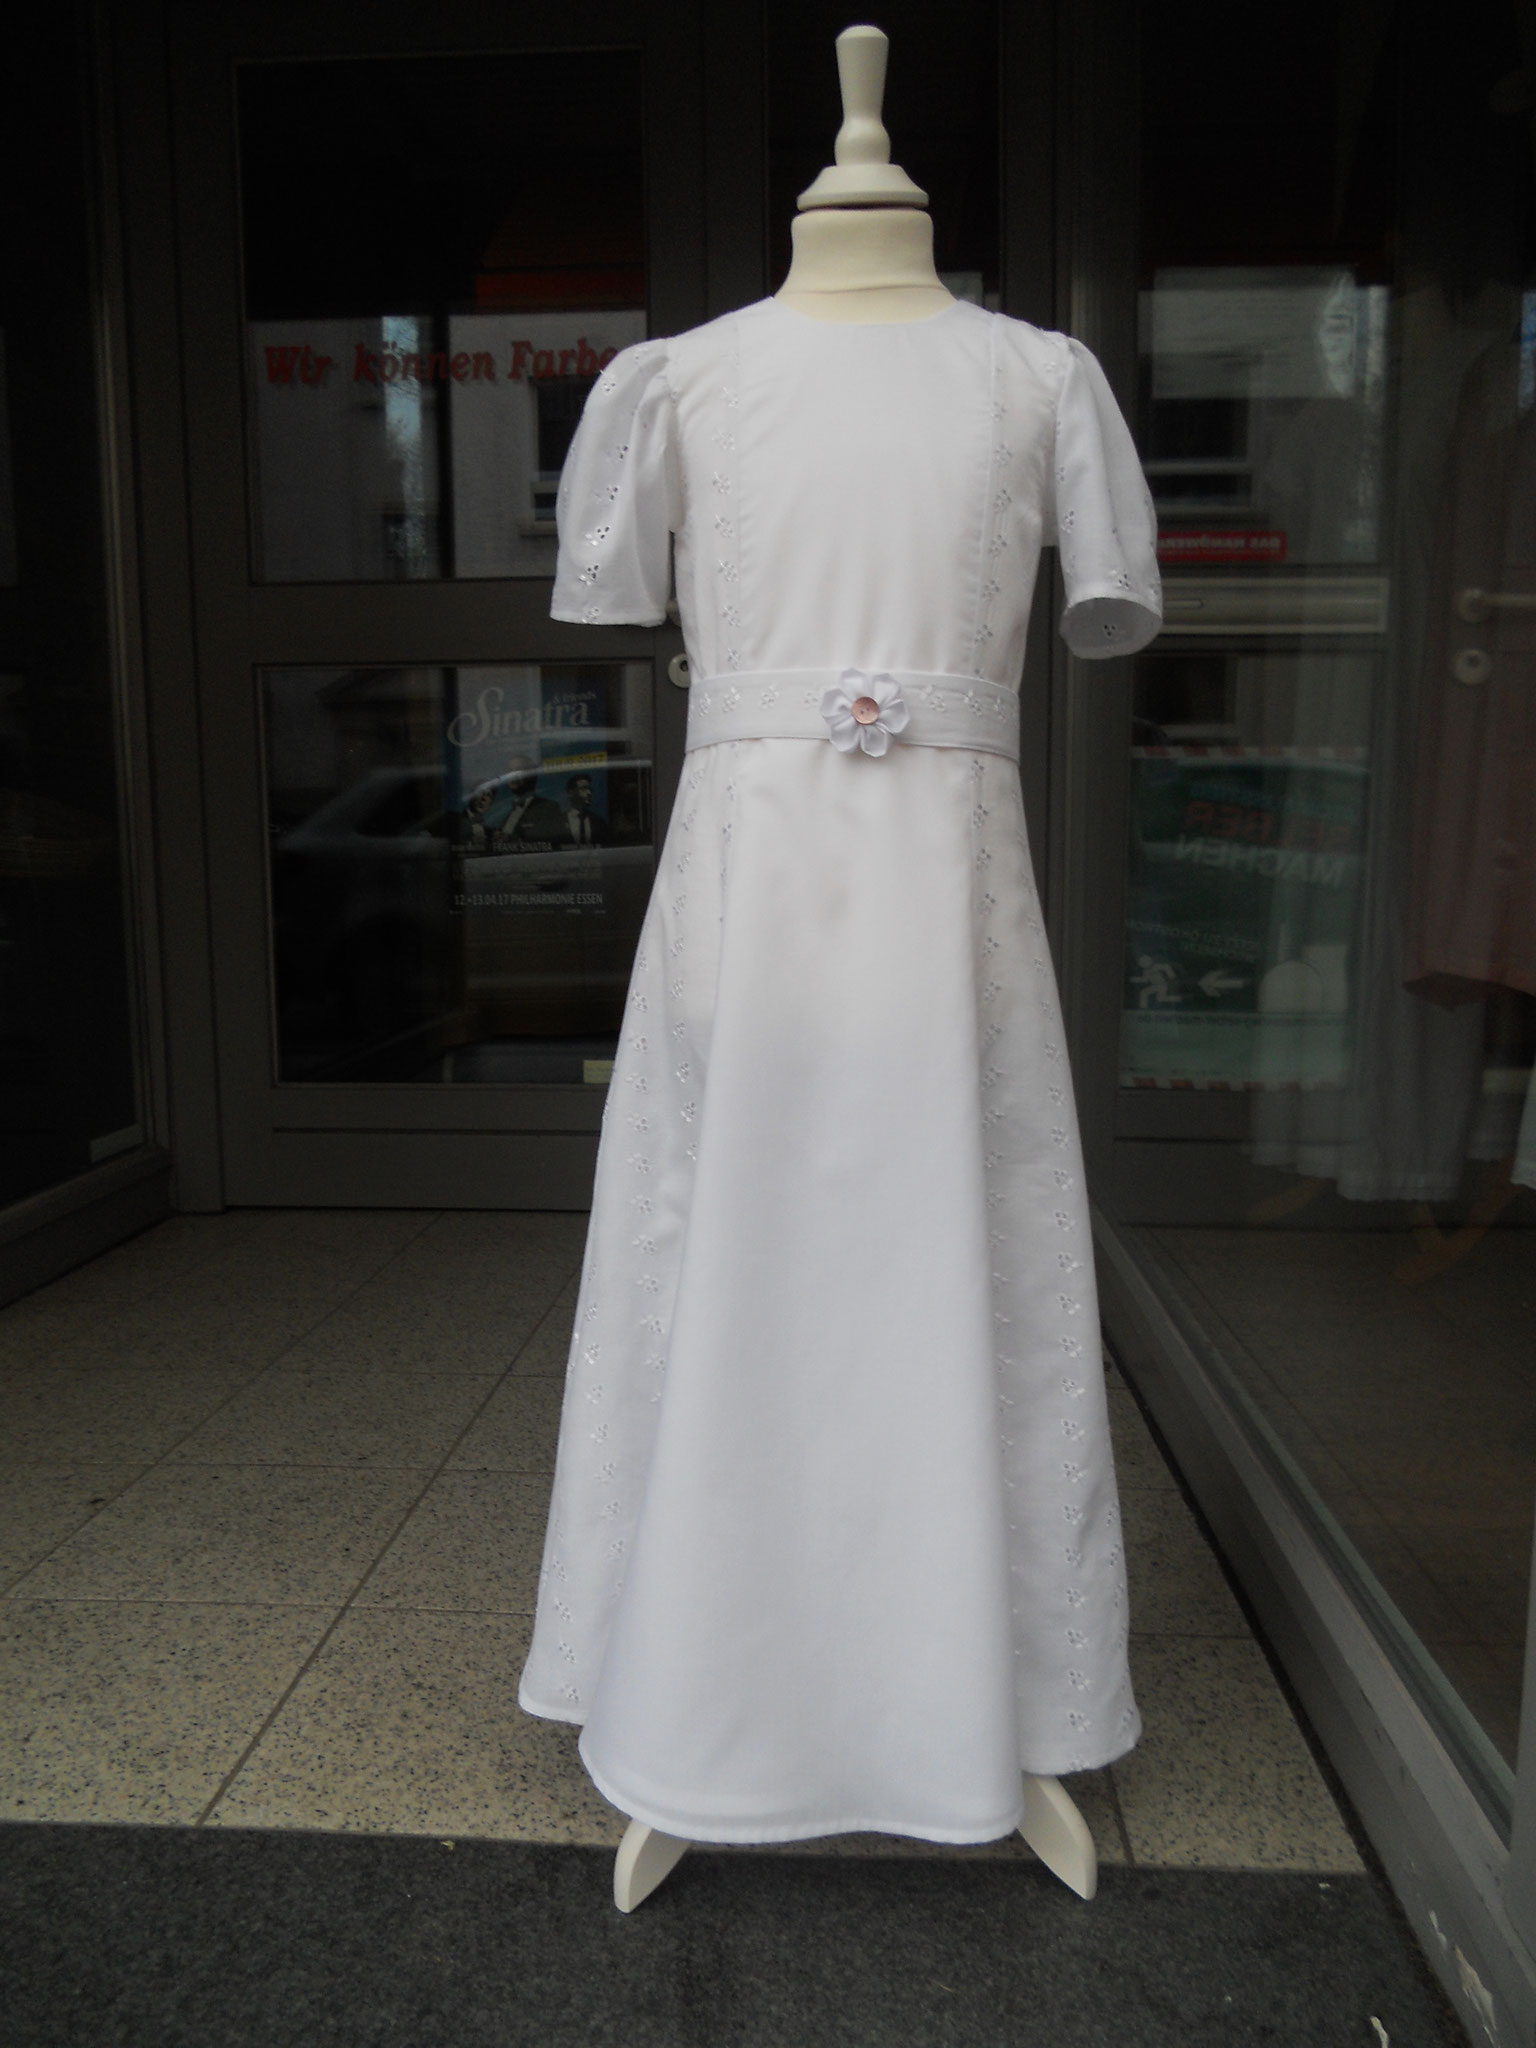 festliches Kleid, Kommunionkleid, Gr. 122, feiner Baumwollbatist und Baumwolle mit Lochstickerei, gefüttert, Einzelstück, 98 €